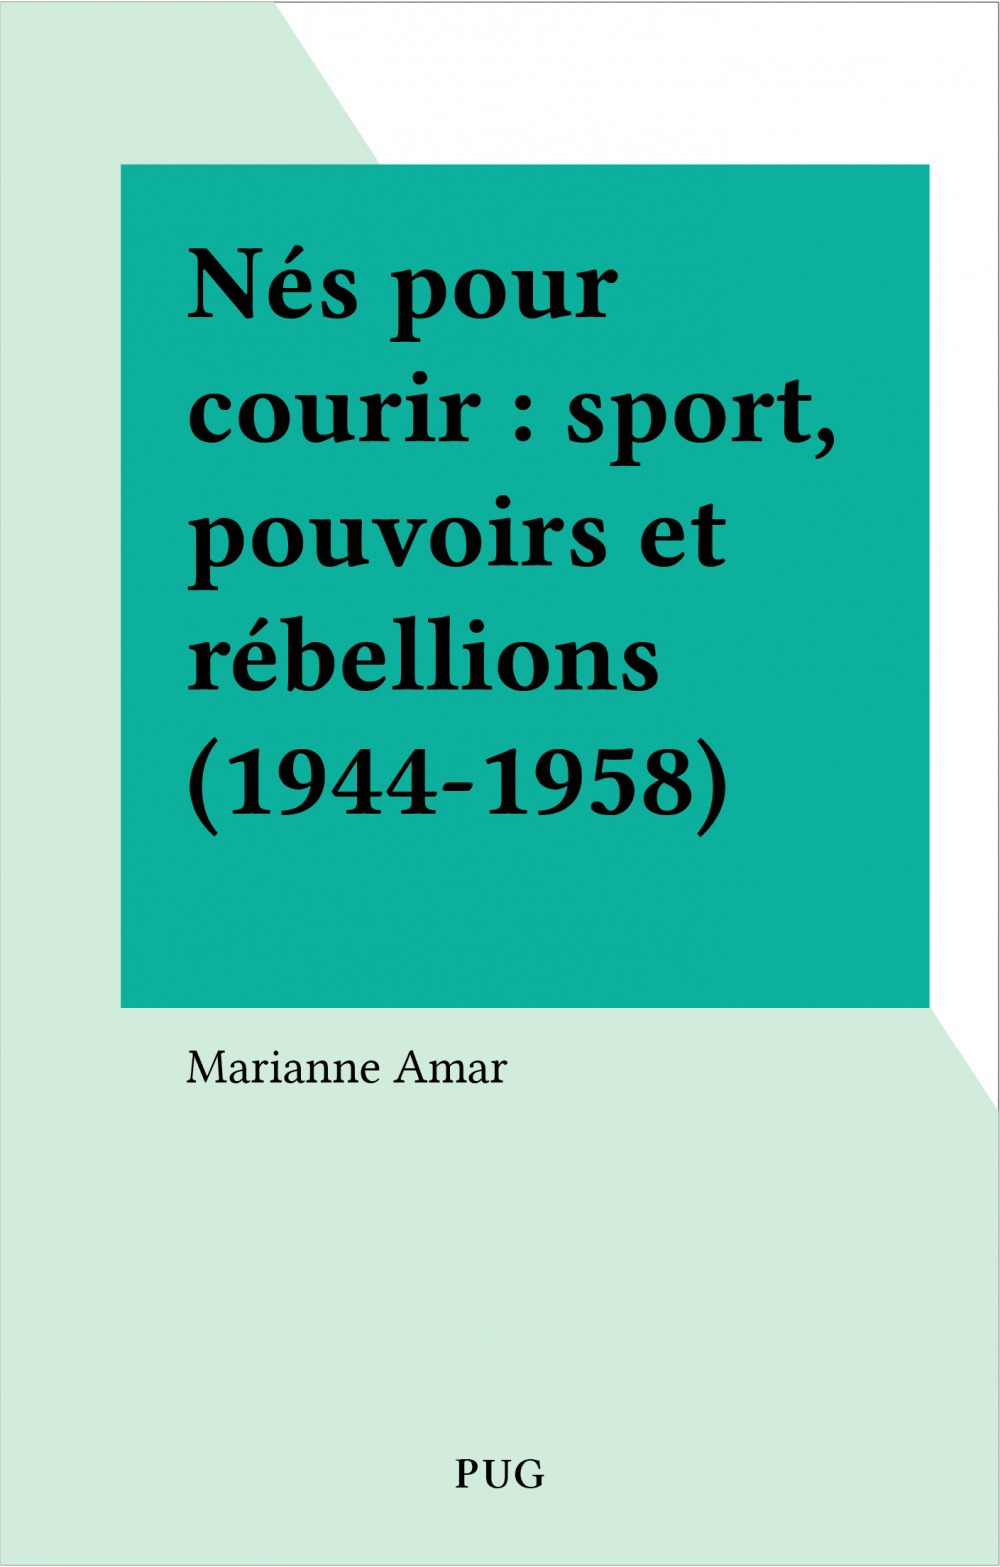 Nés pour courir : sport, pouvoirs et rébellions (1944-1958)  - Amar M  - Marianne Amar